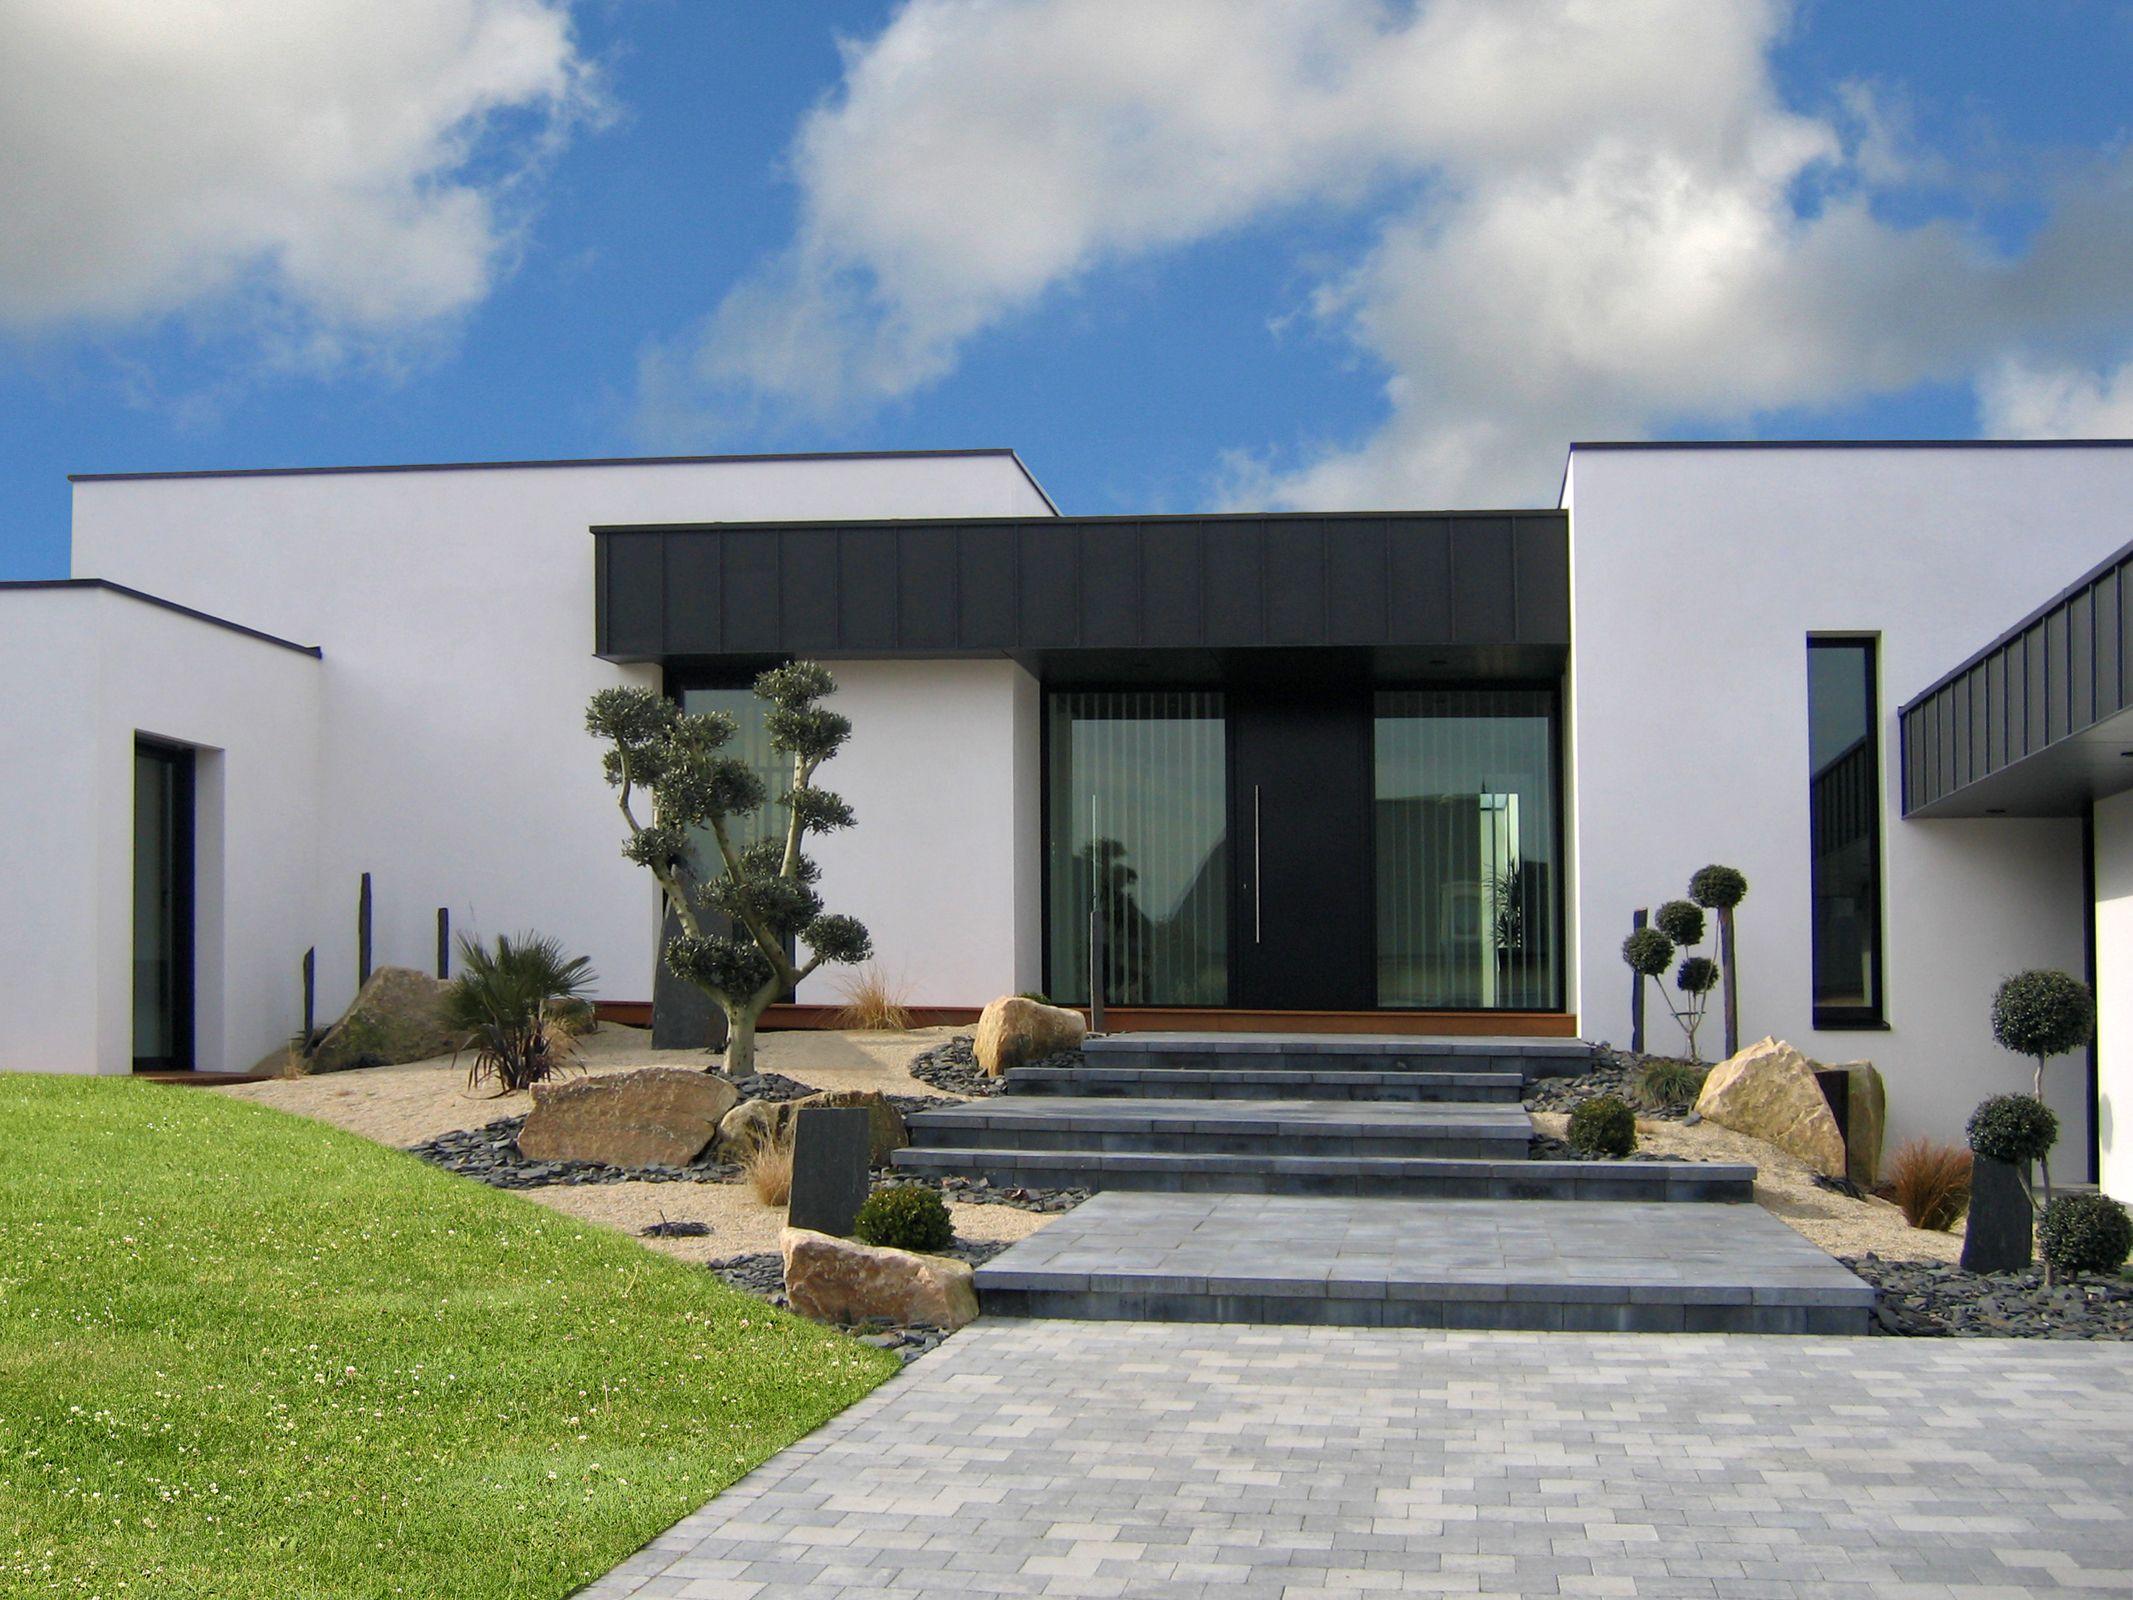 Maison Moderne Avec Patio Interieur √ maison patio moderne   maison contemporaine avec patio